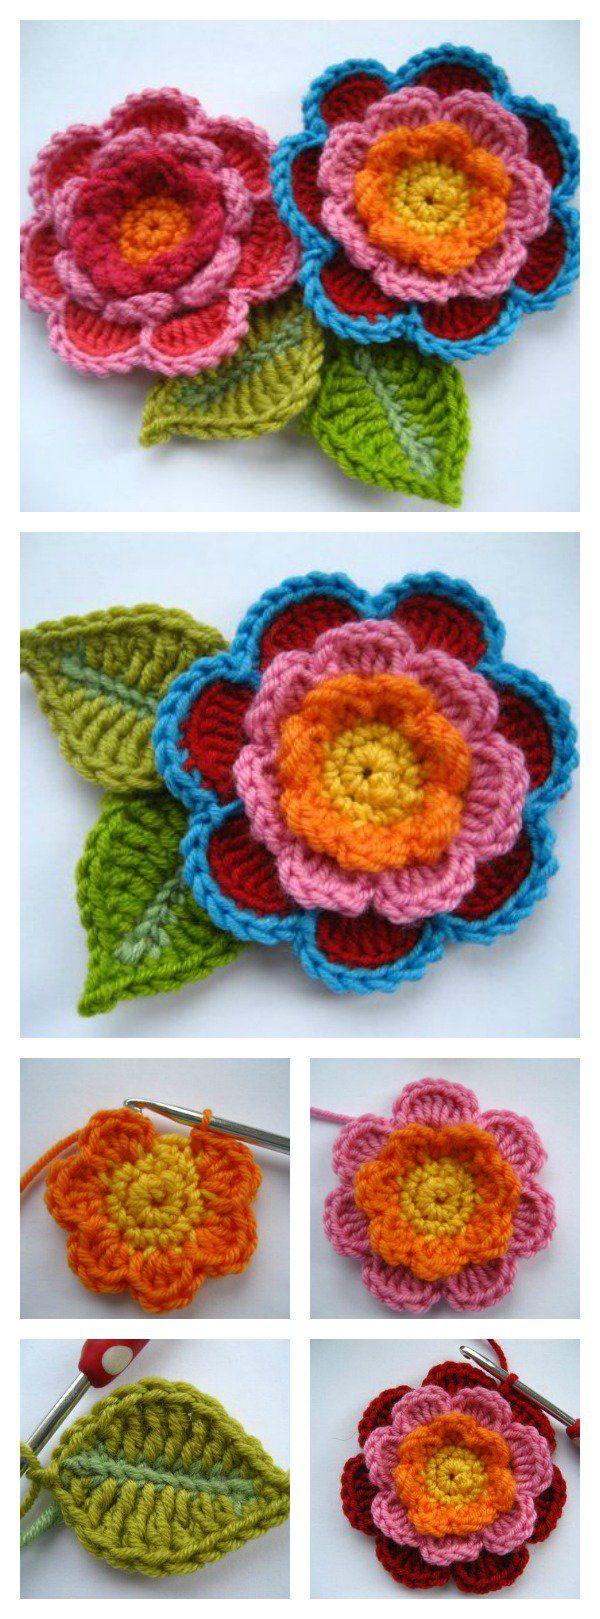 Best 25 crocheted flowers ideas on pinterest crochet roses crochet beautiful triple layer flower free pattern and tutorial bankloansurffo Gallery